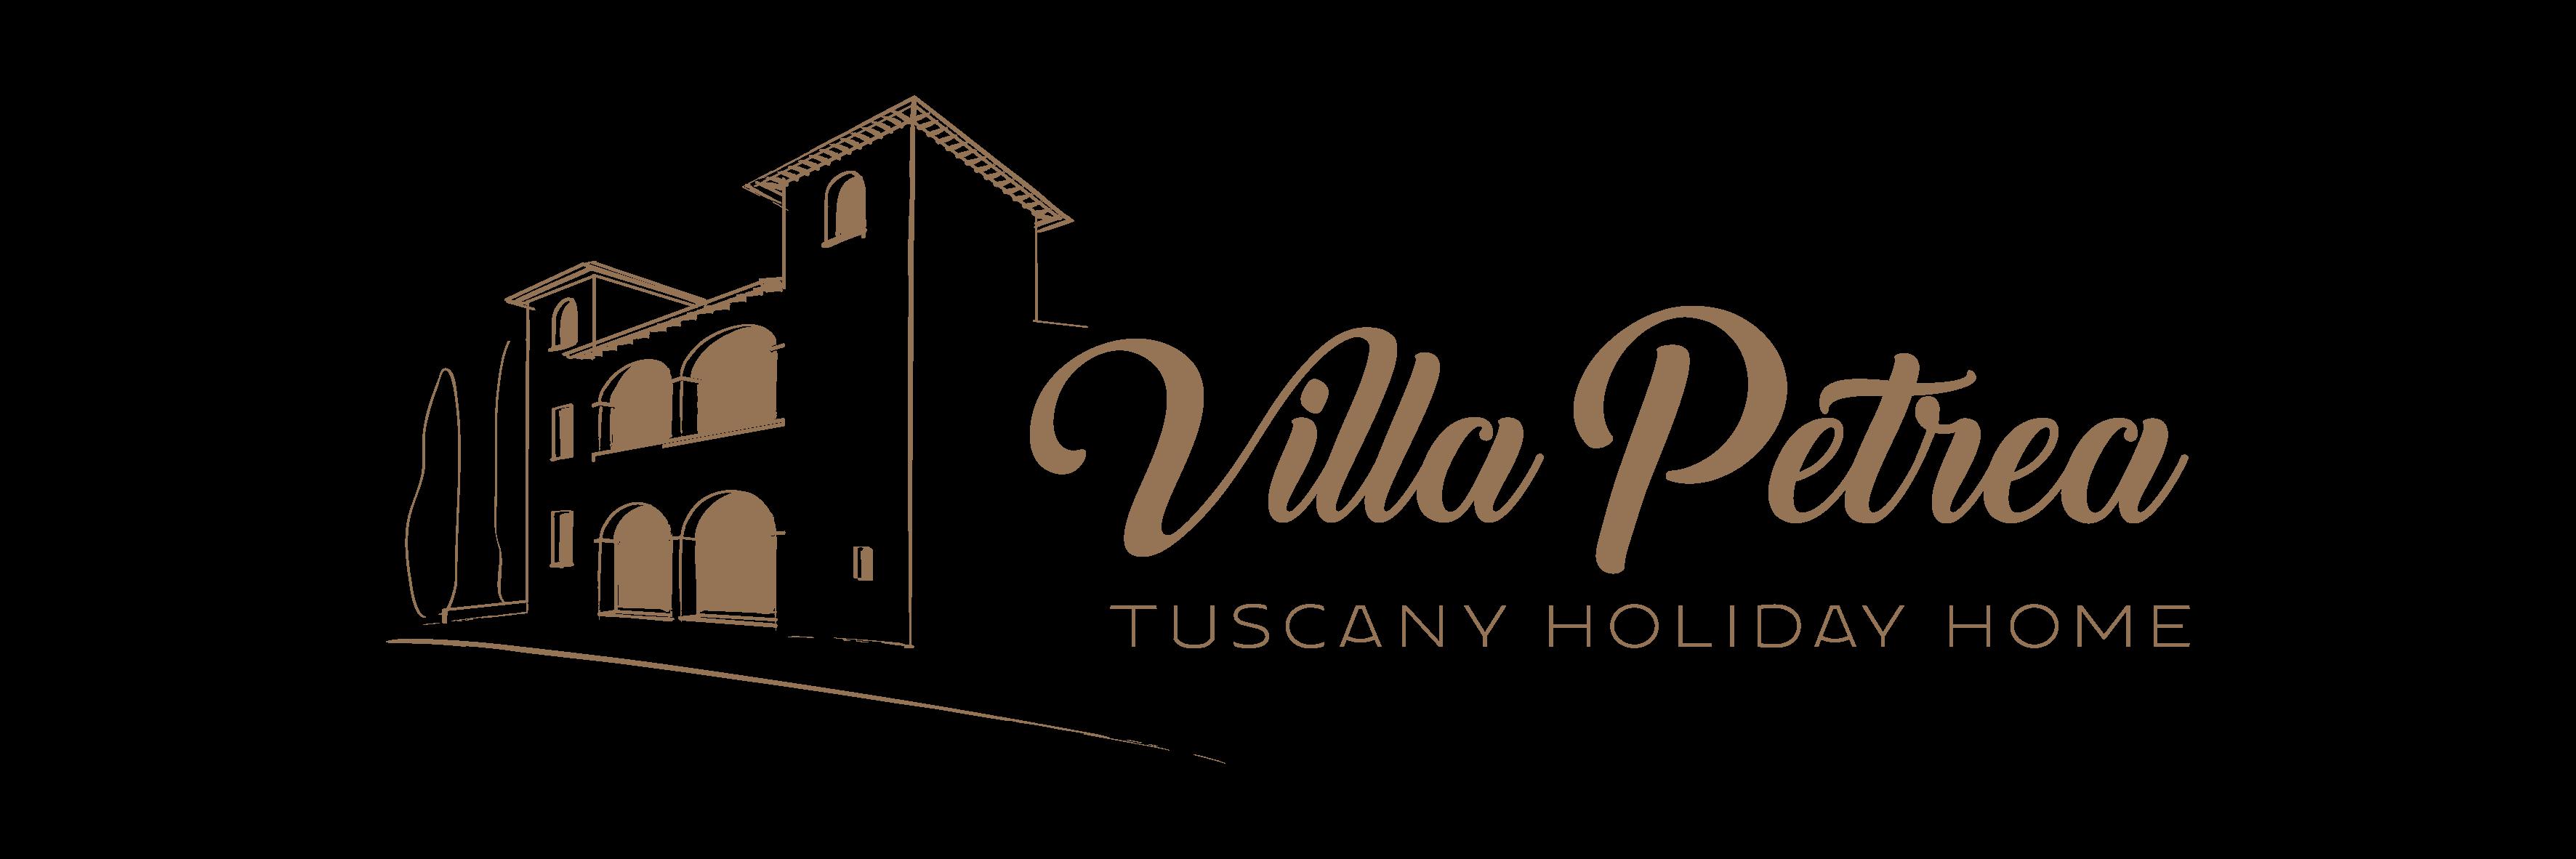 Villa Petrea